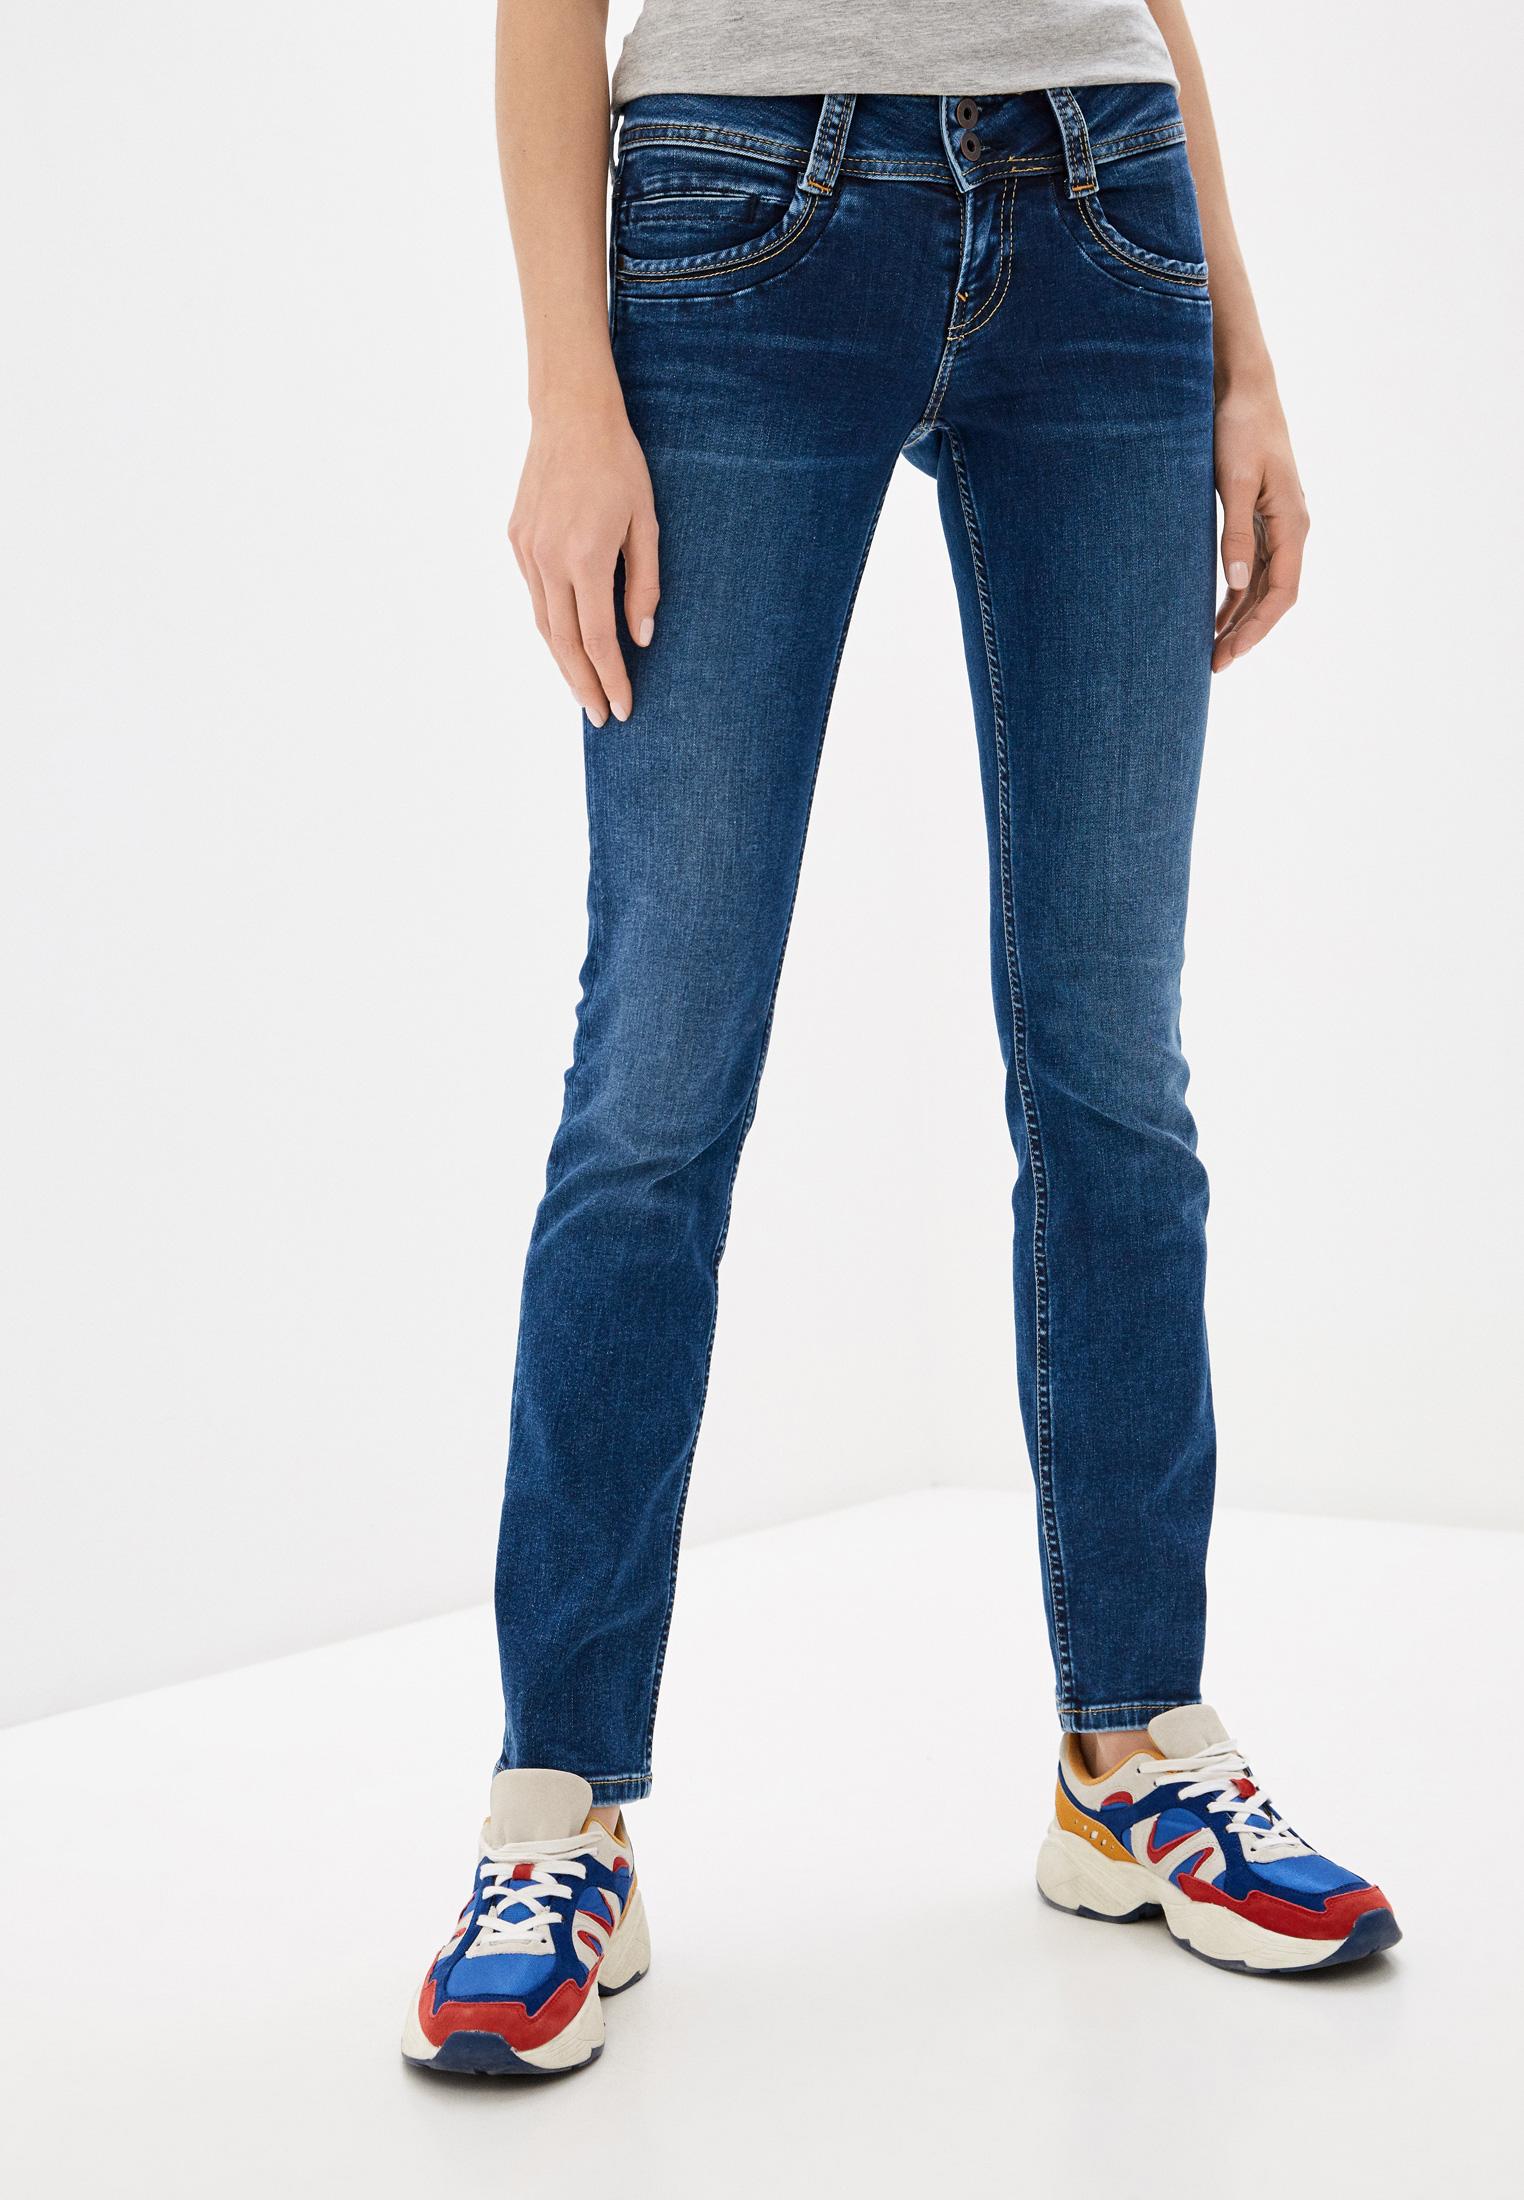 Джинсы Pepe Jeans GEN купить за 5 450 ₽ в интернет-магазине Lamoda.ru